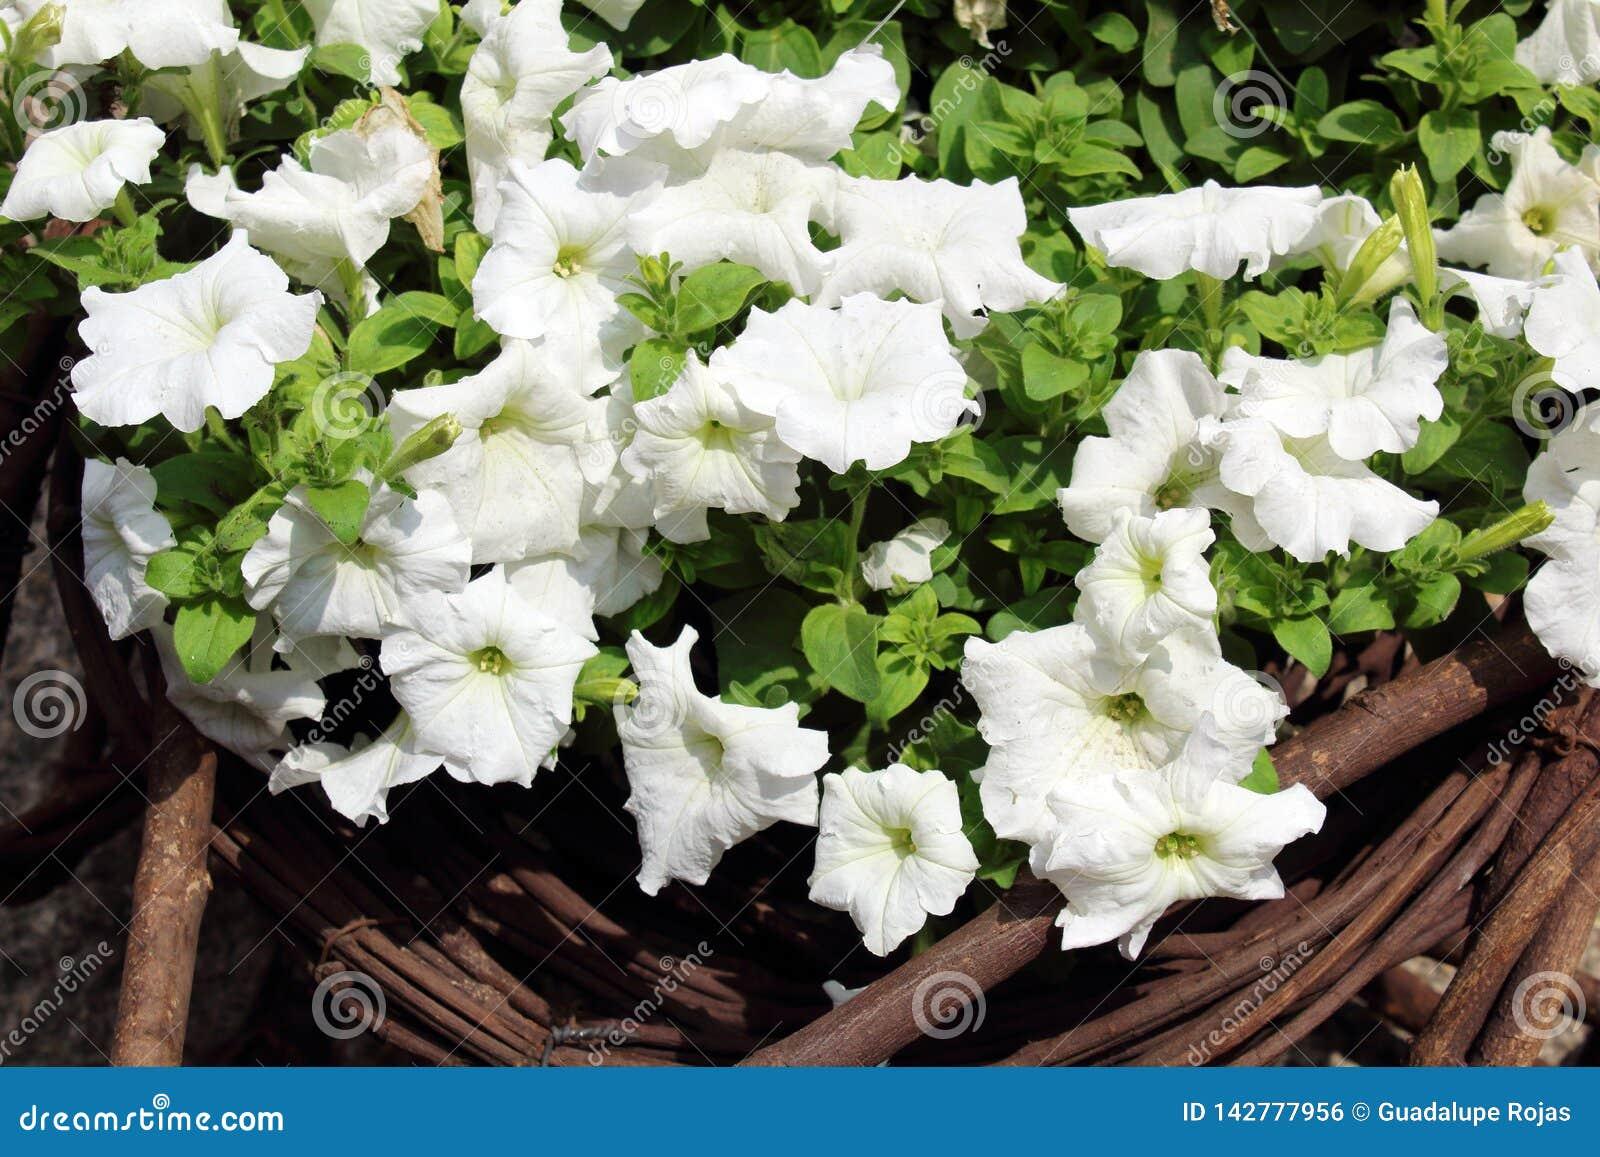 Arreglo Floral De Los Pétalos Blancos Para Adornar El Jardín